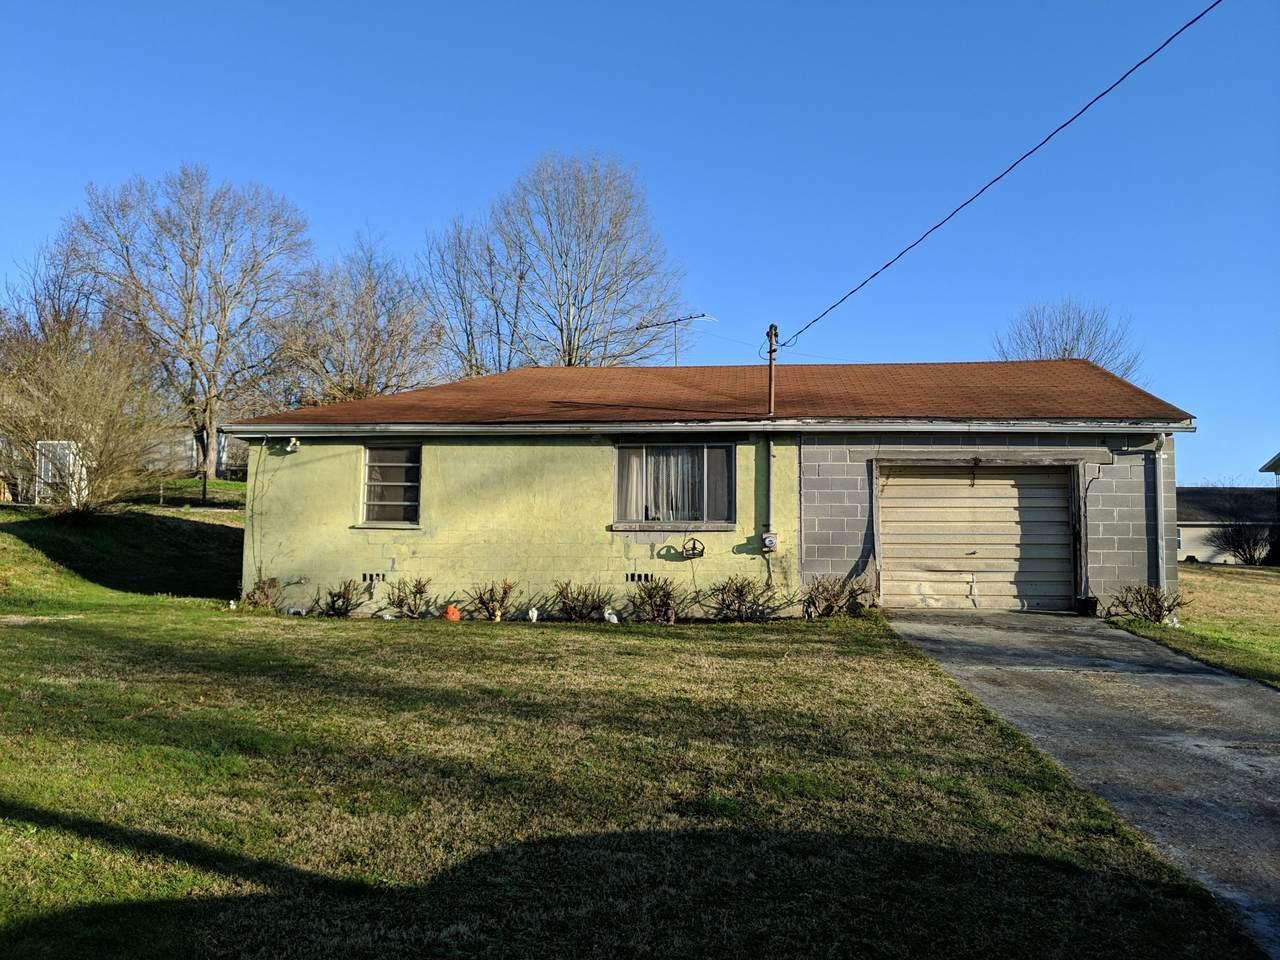 405 Longview Dr - Photo 1